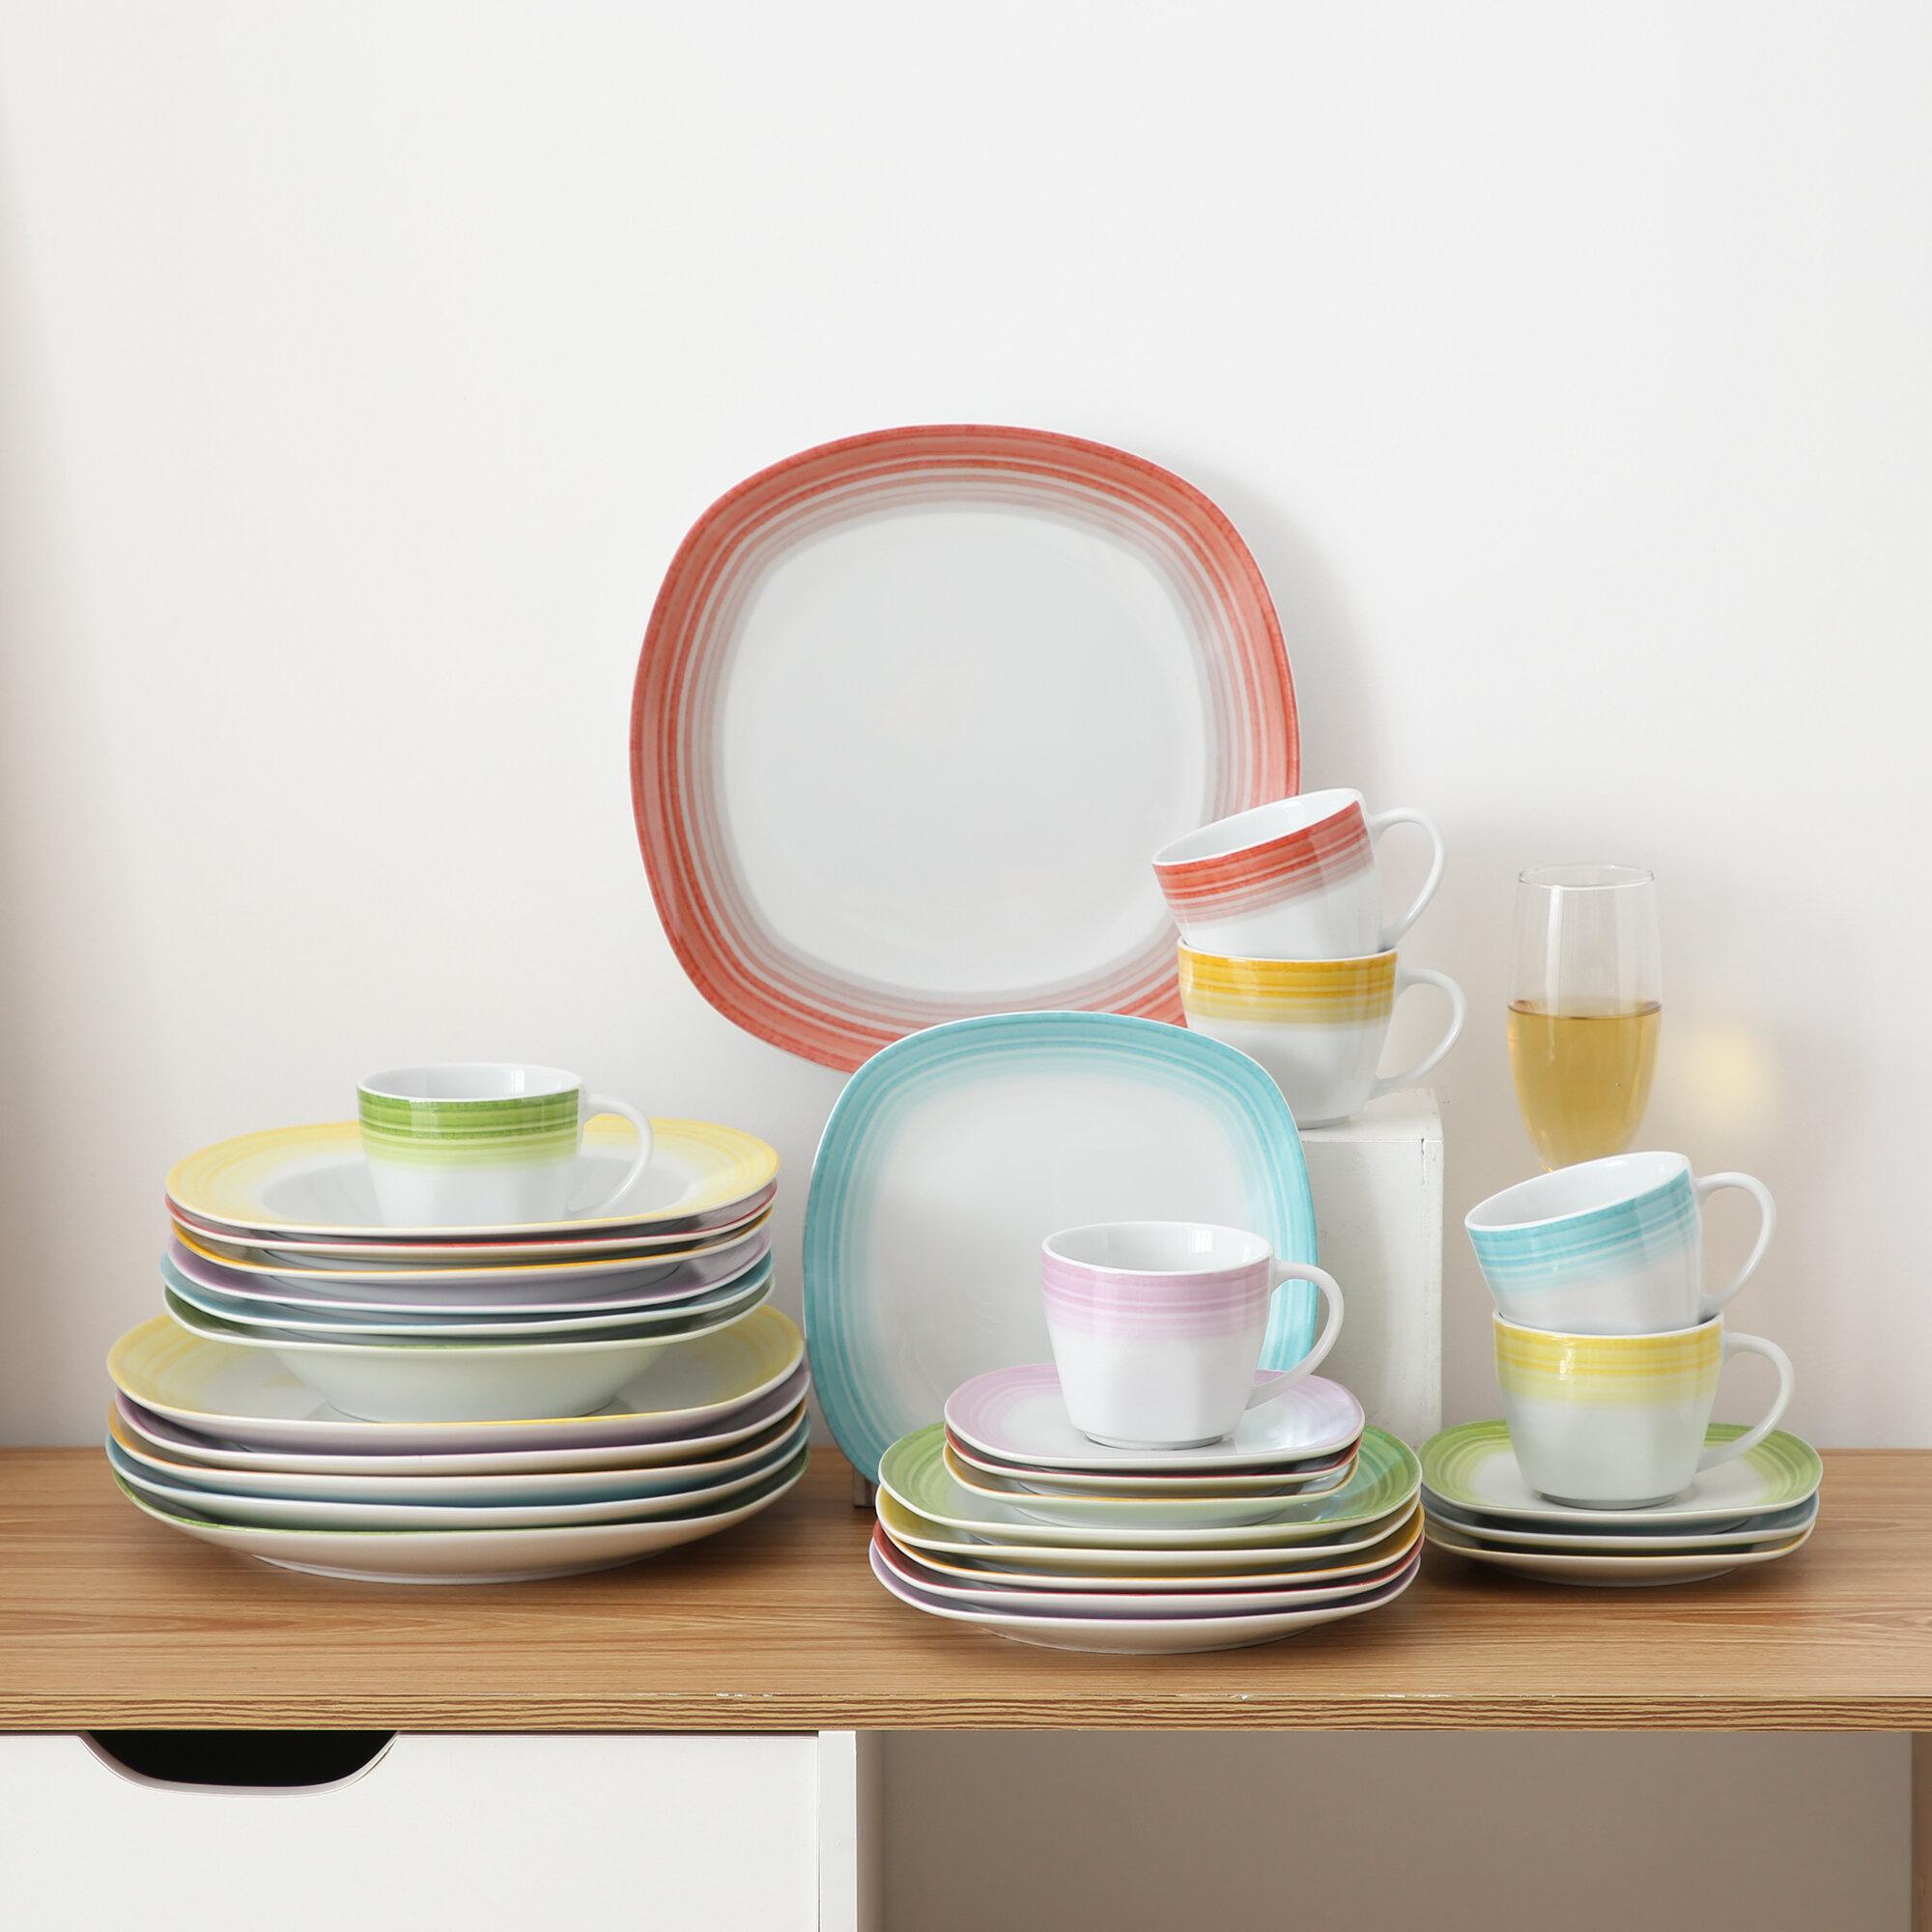 Orren Ellis Bowerville 30 Piece Dinnerware Set Service For 6 Reviews Wayfair